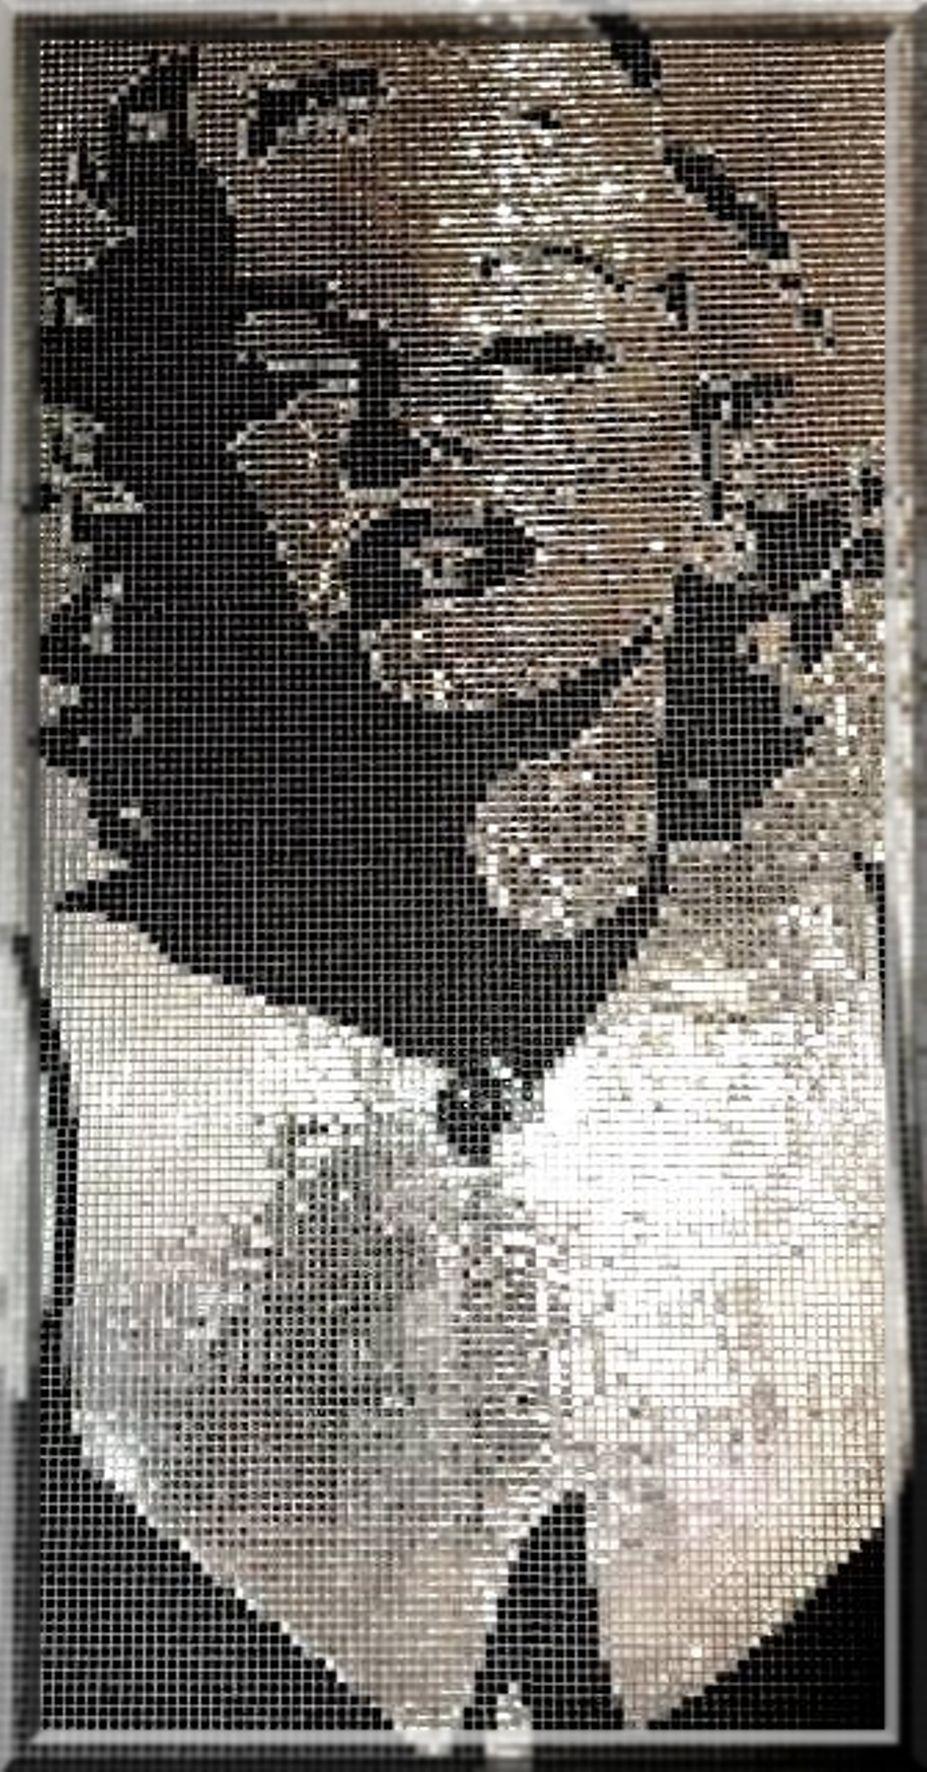 Tableau Mosaique Personnalisé fabrication artisanale d'une mosaïque pixelisée de marilyn monroe